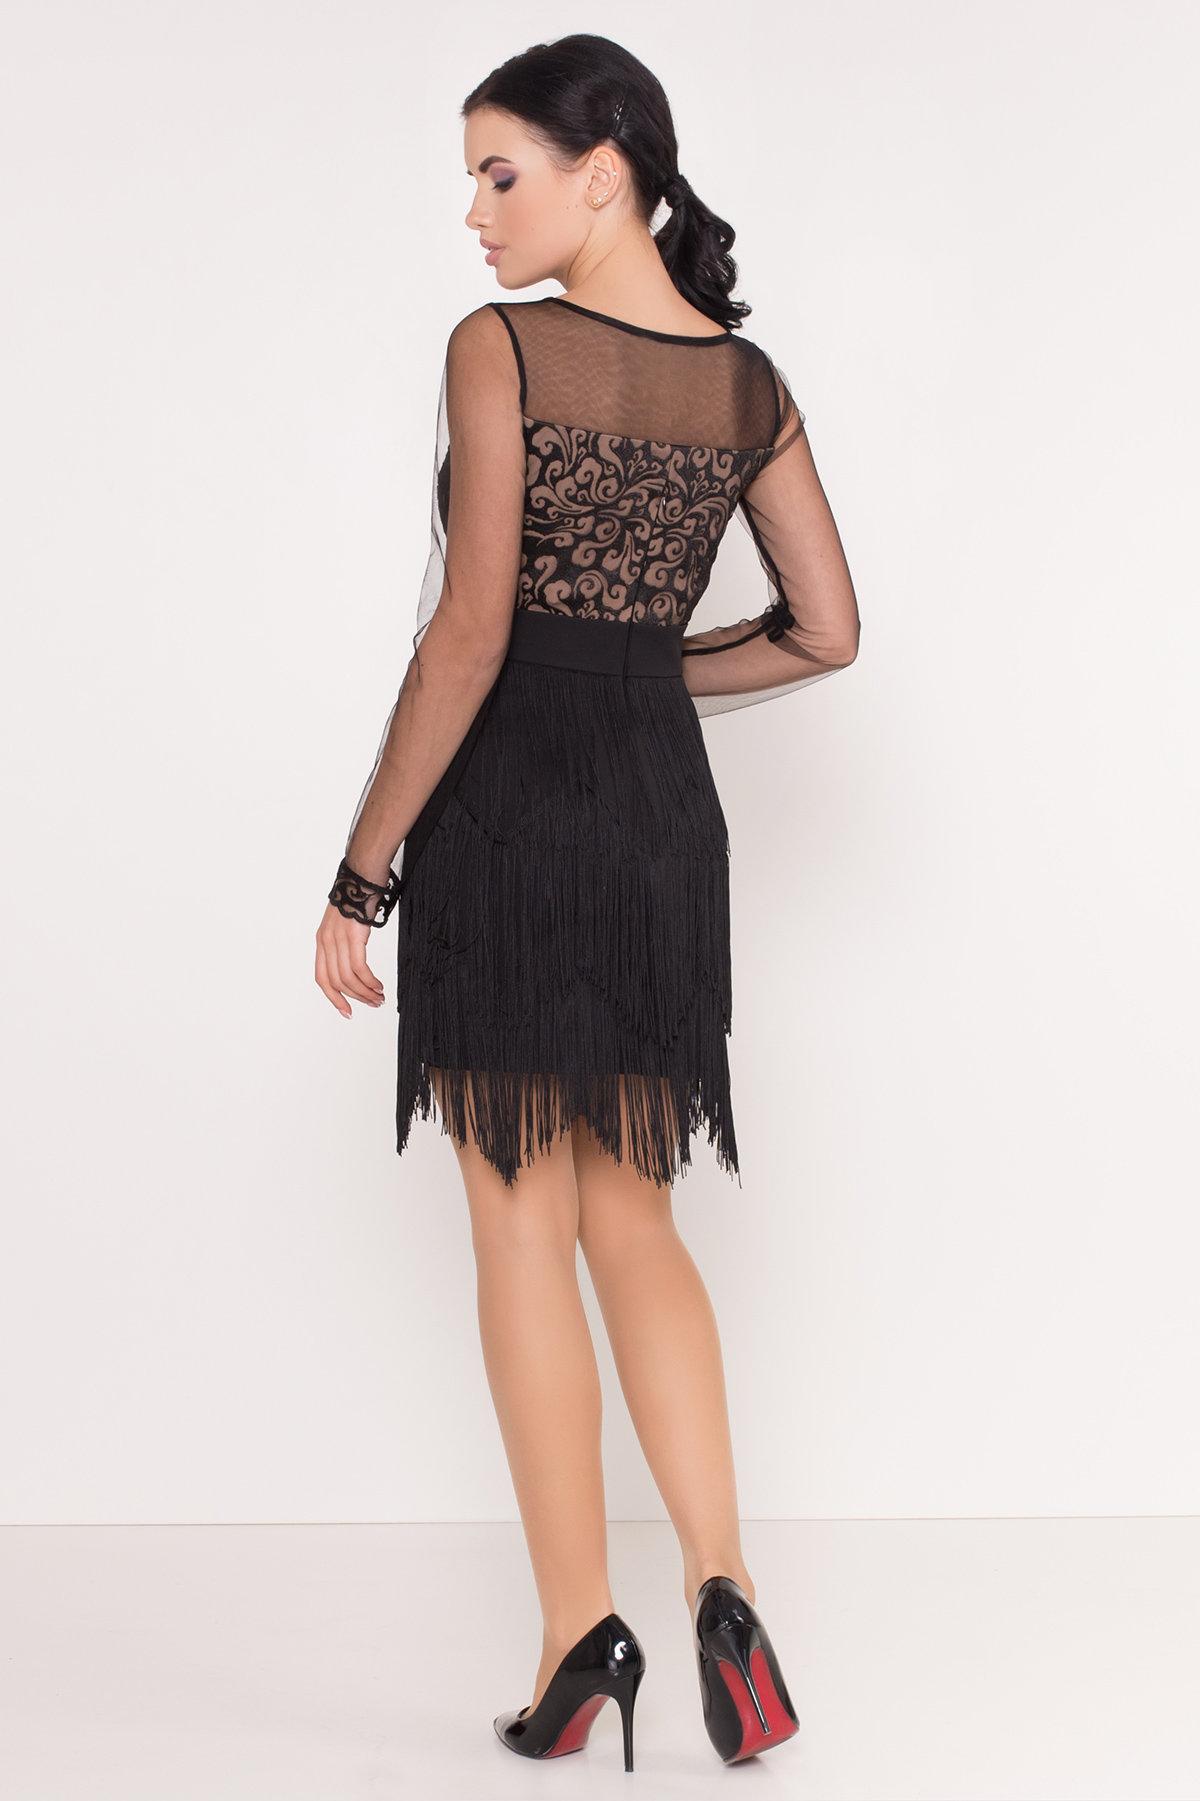 Платье Херви 8560 АРТ. 44884 Цвет: Черный - фото 3, интернет магазин tm-modus.ru